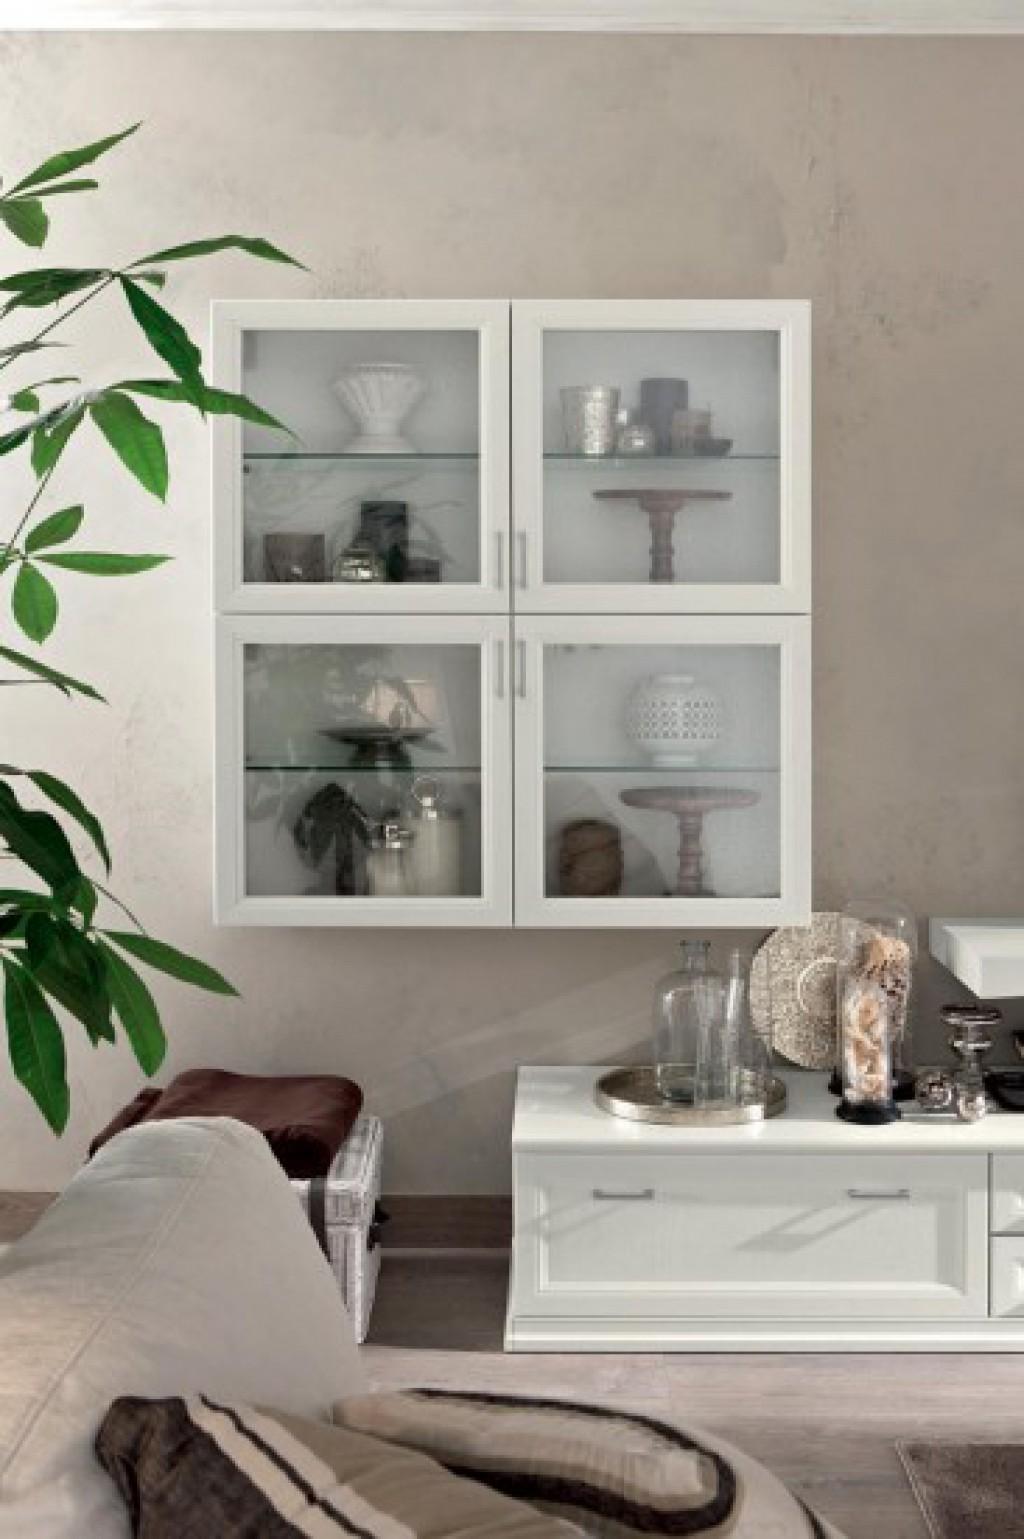 Mobili Soggiorno Di Qualita : Soggiorno classico oc as cucine mobili di qualità